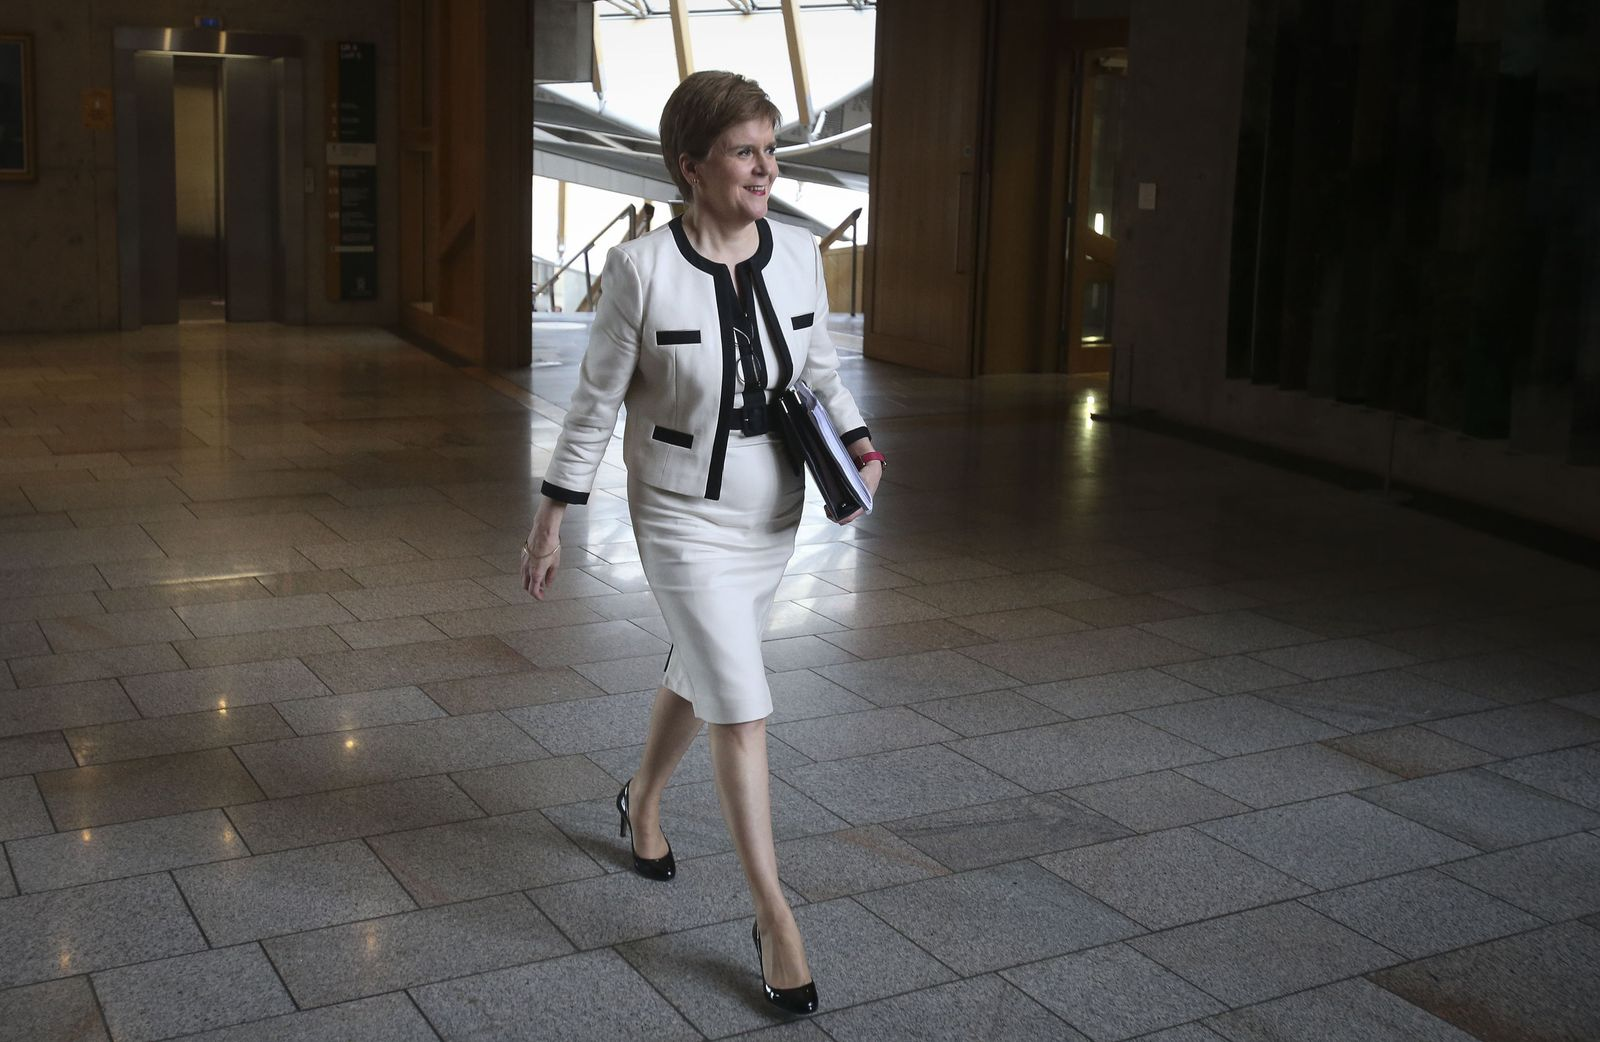 Schottland plant neues Unabhängigkeitsreferendum